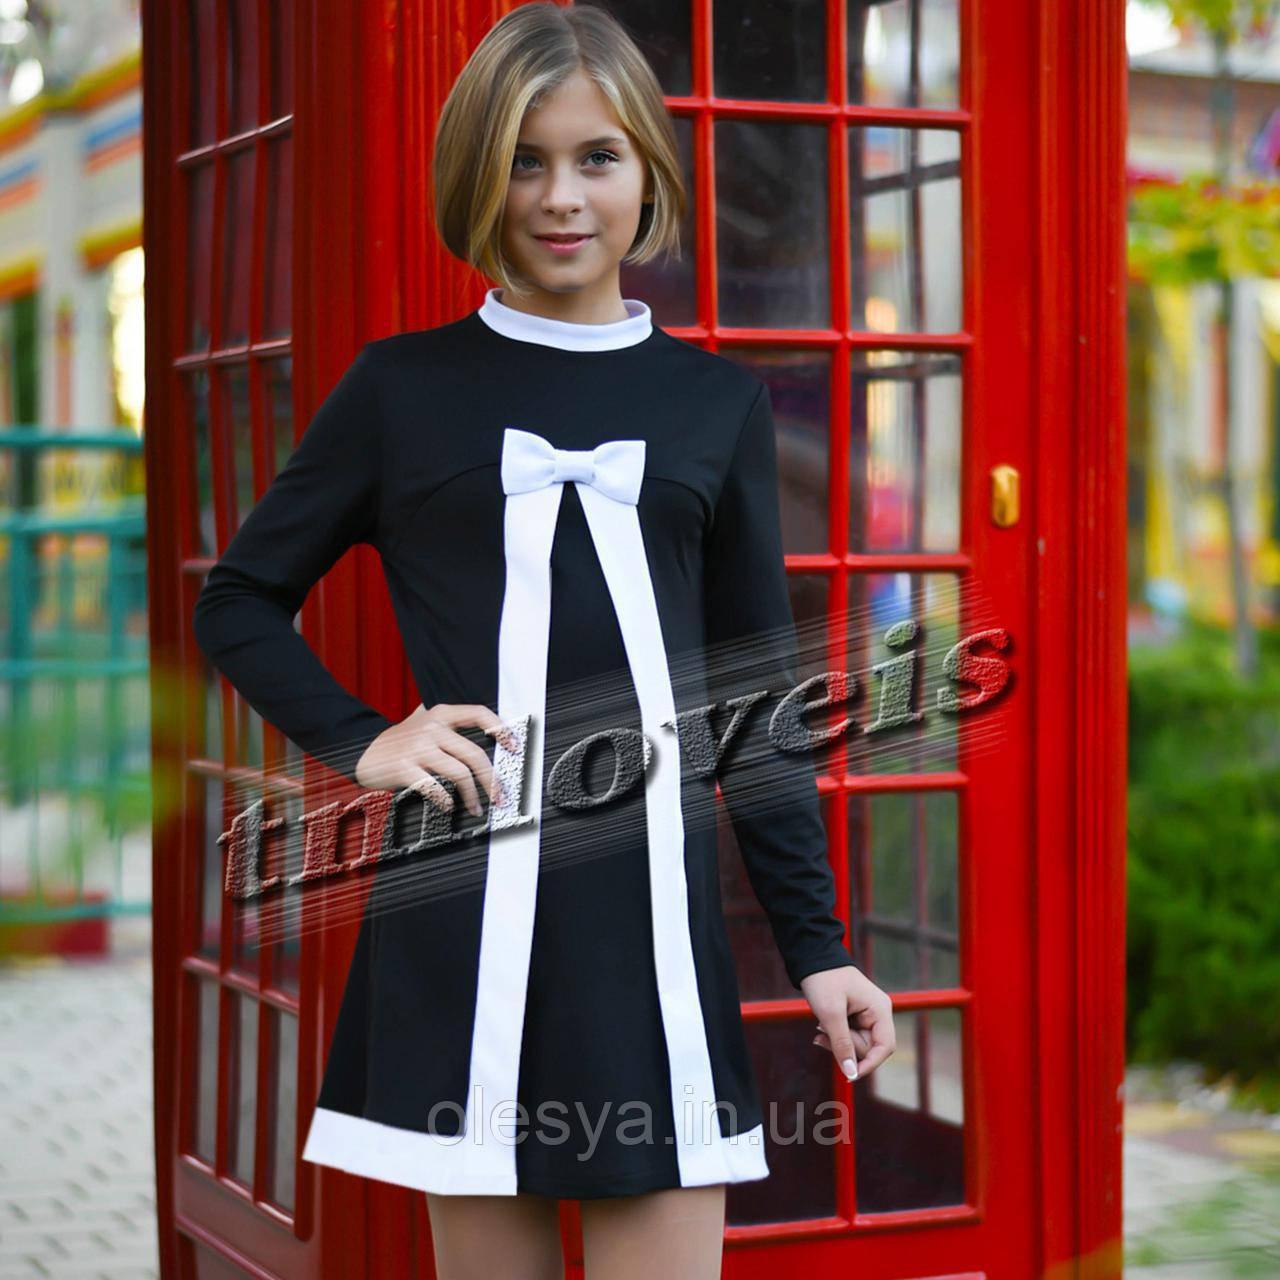 Школьное подростковое платье Лана ™LOVEIS Размеры 140 - 164